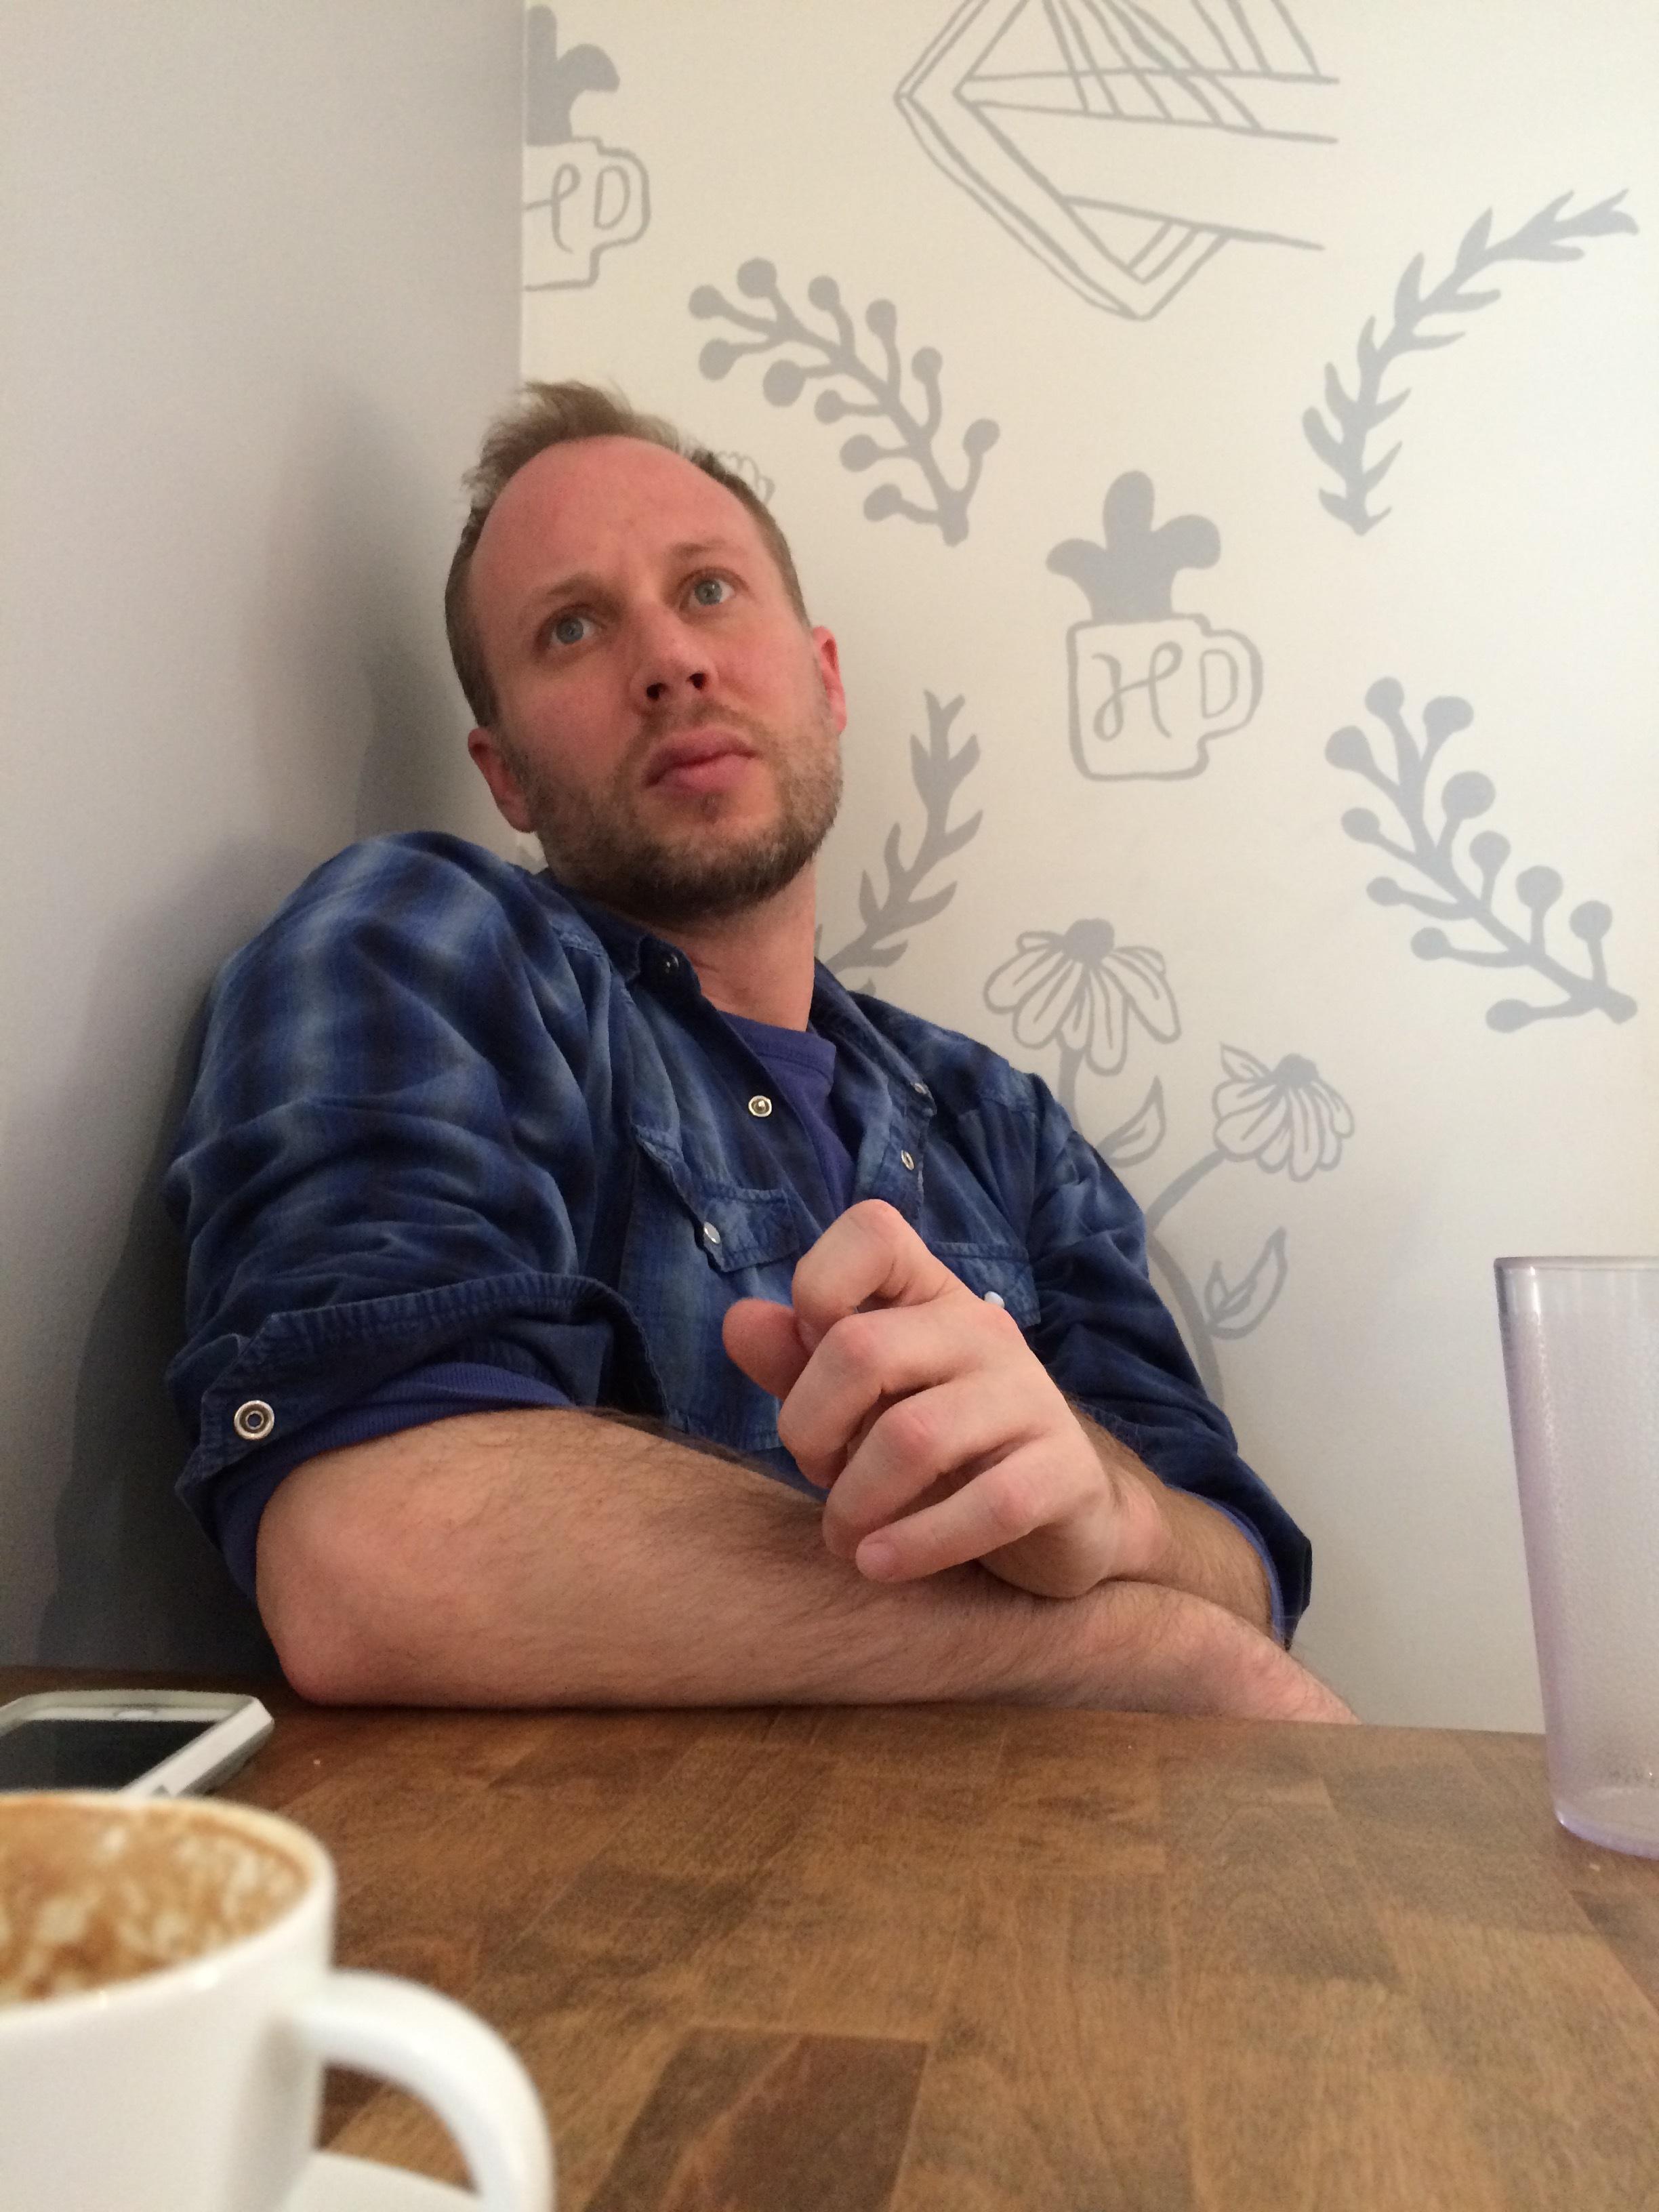 composer Jeremy Podgursky